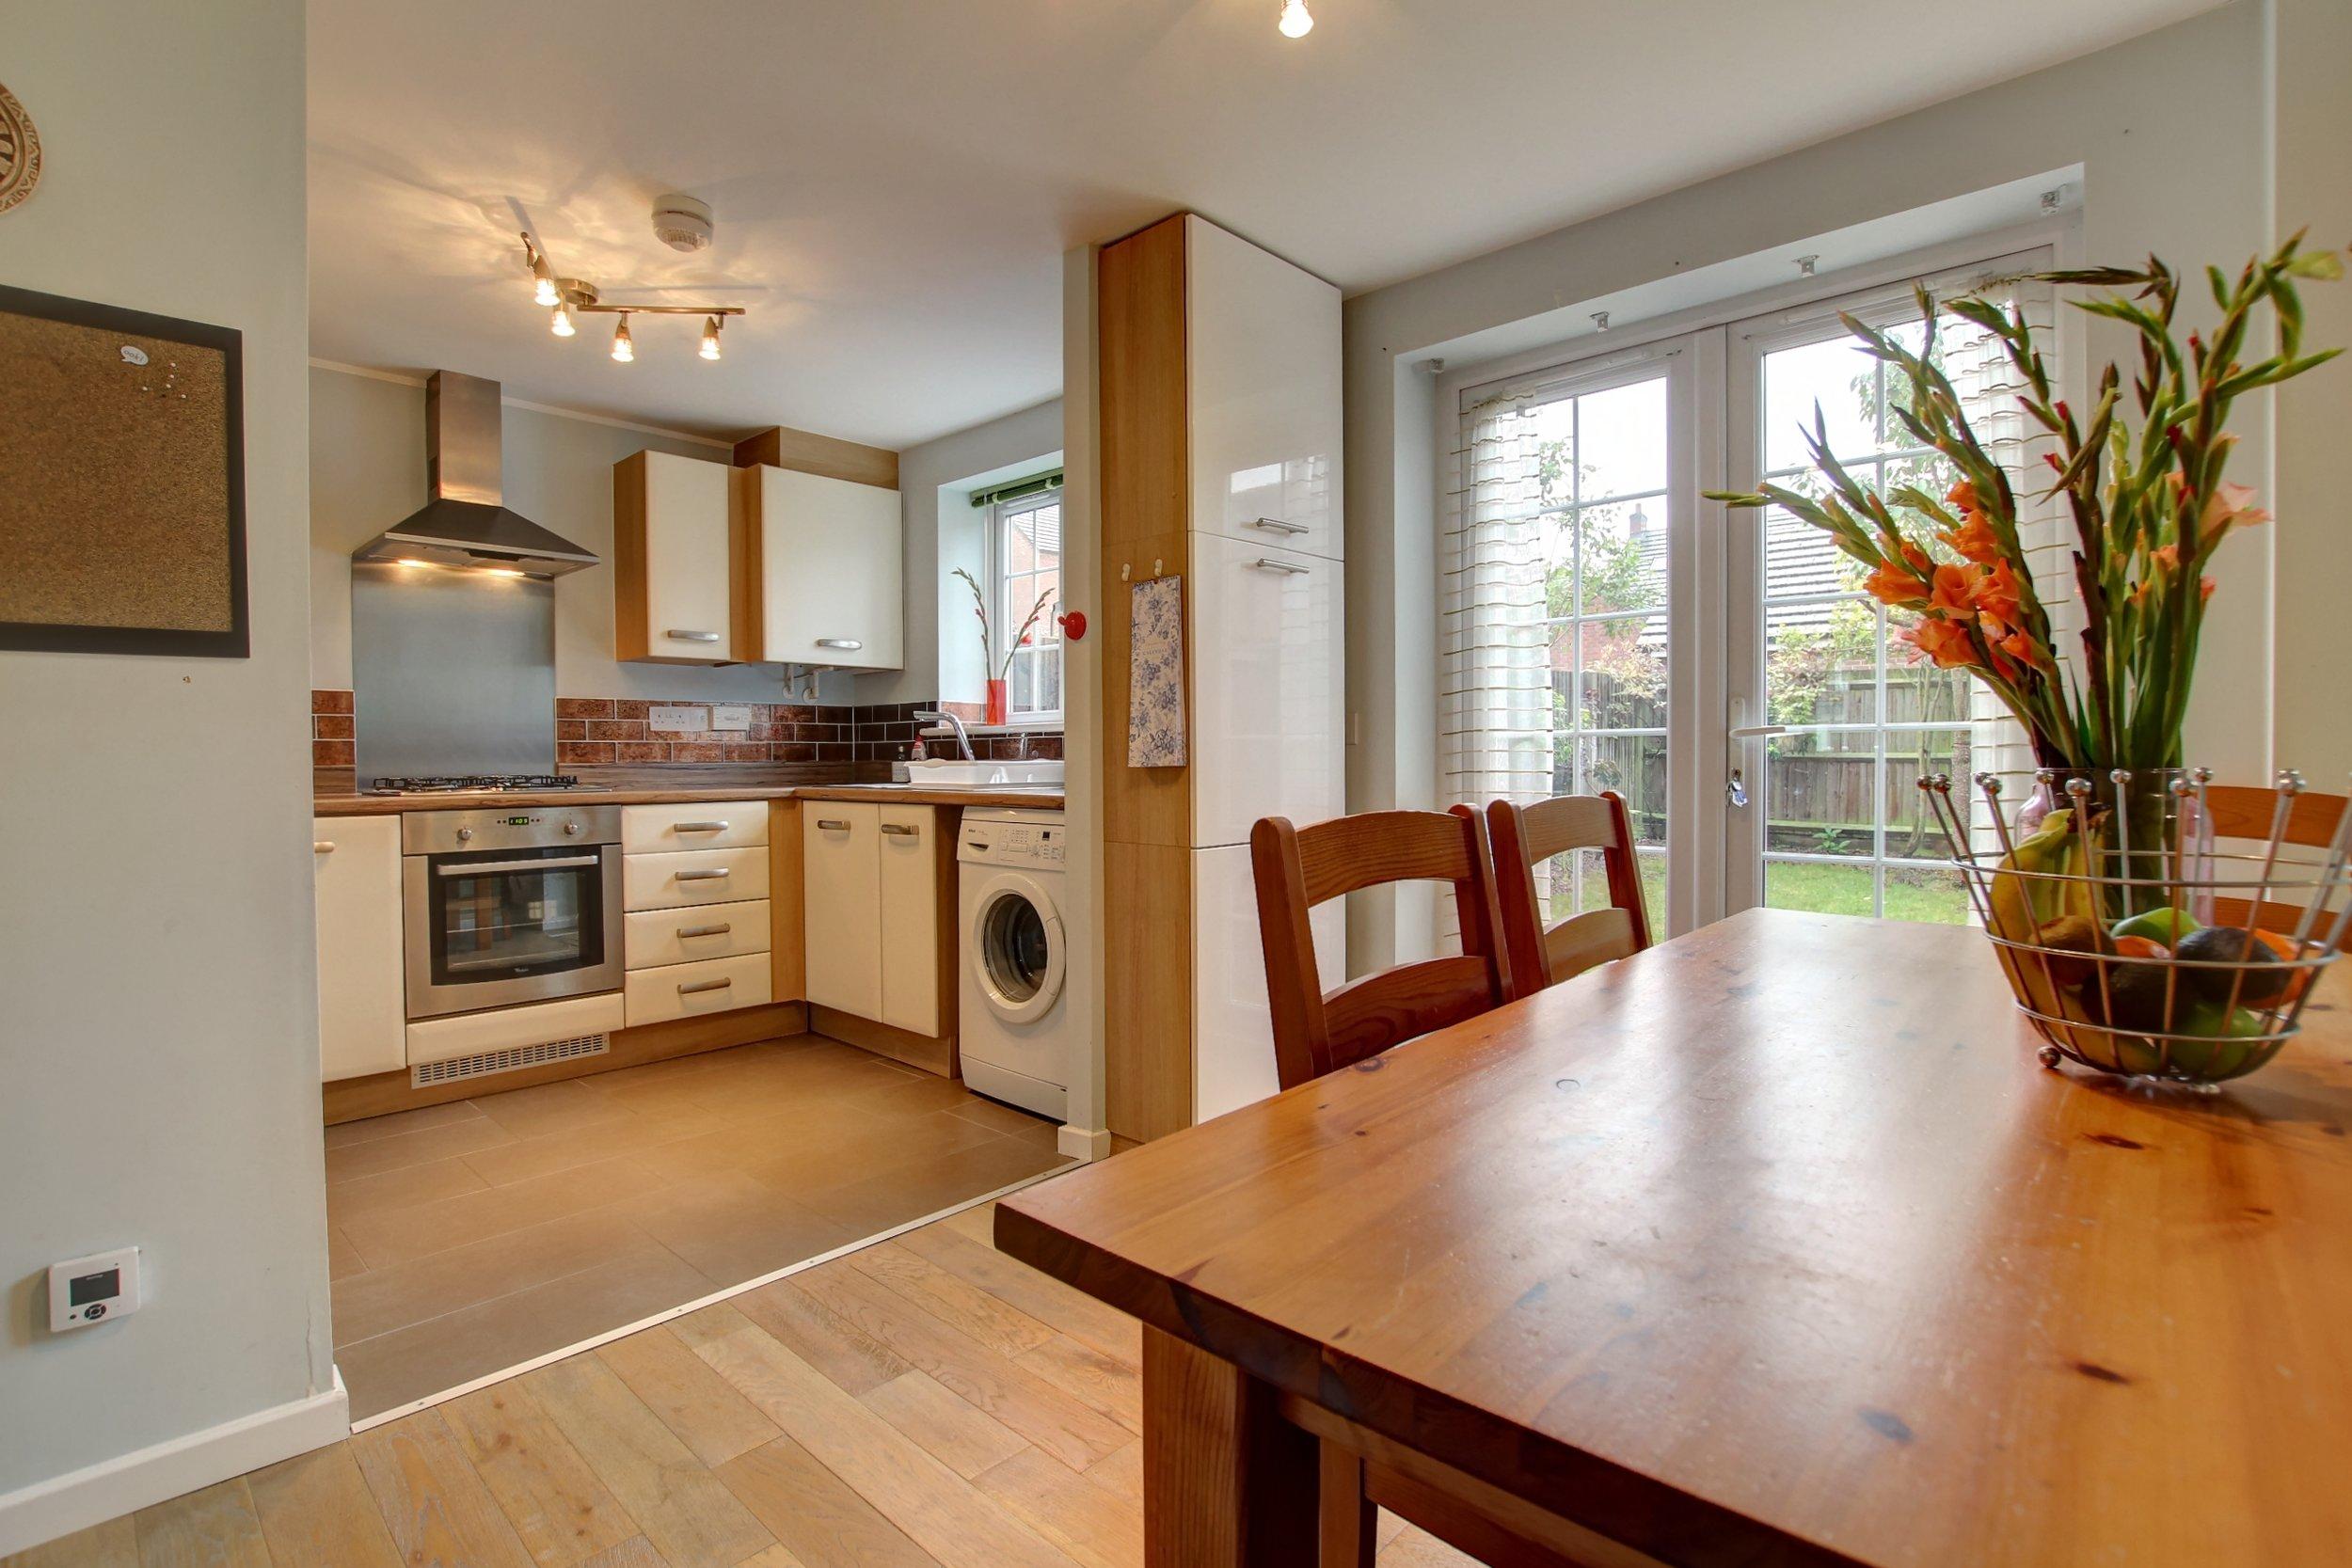 7 dining kitchen.jpg